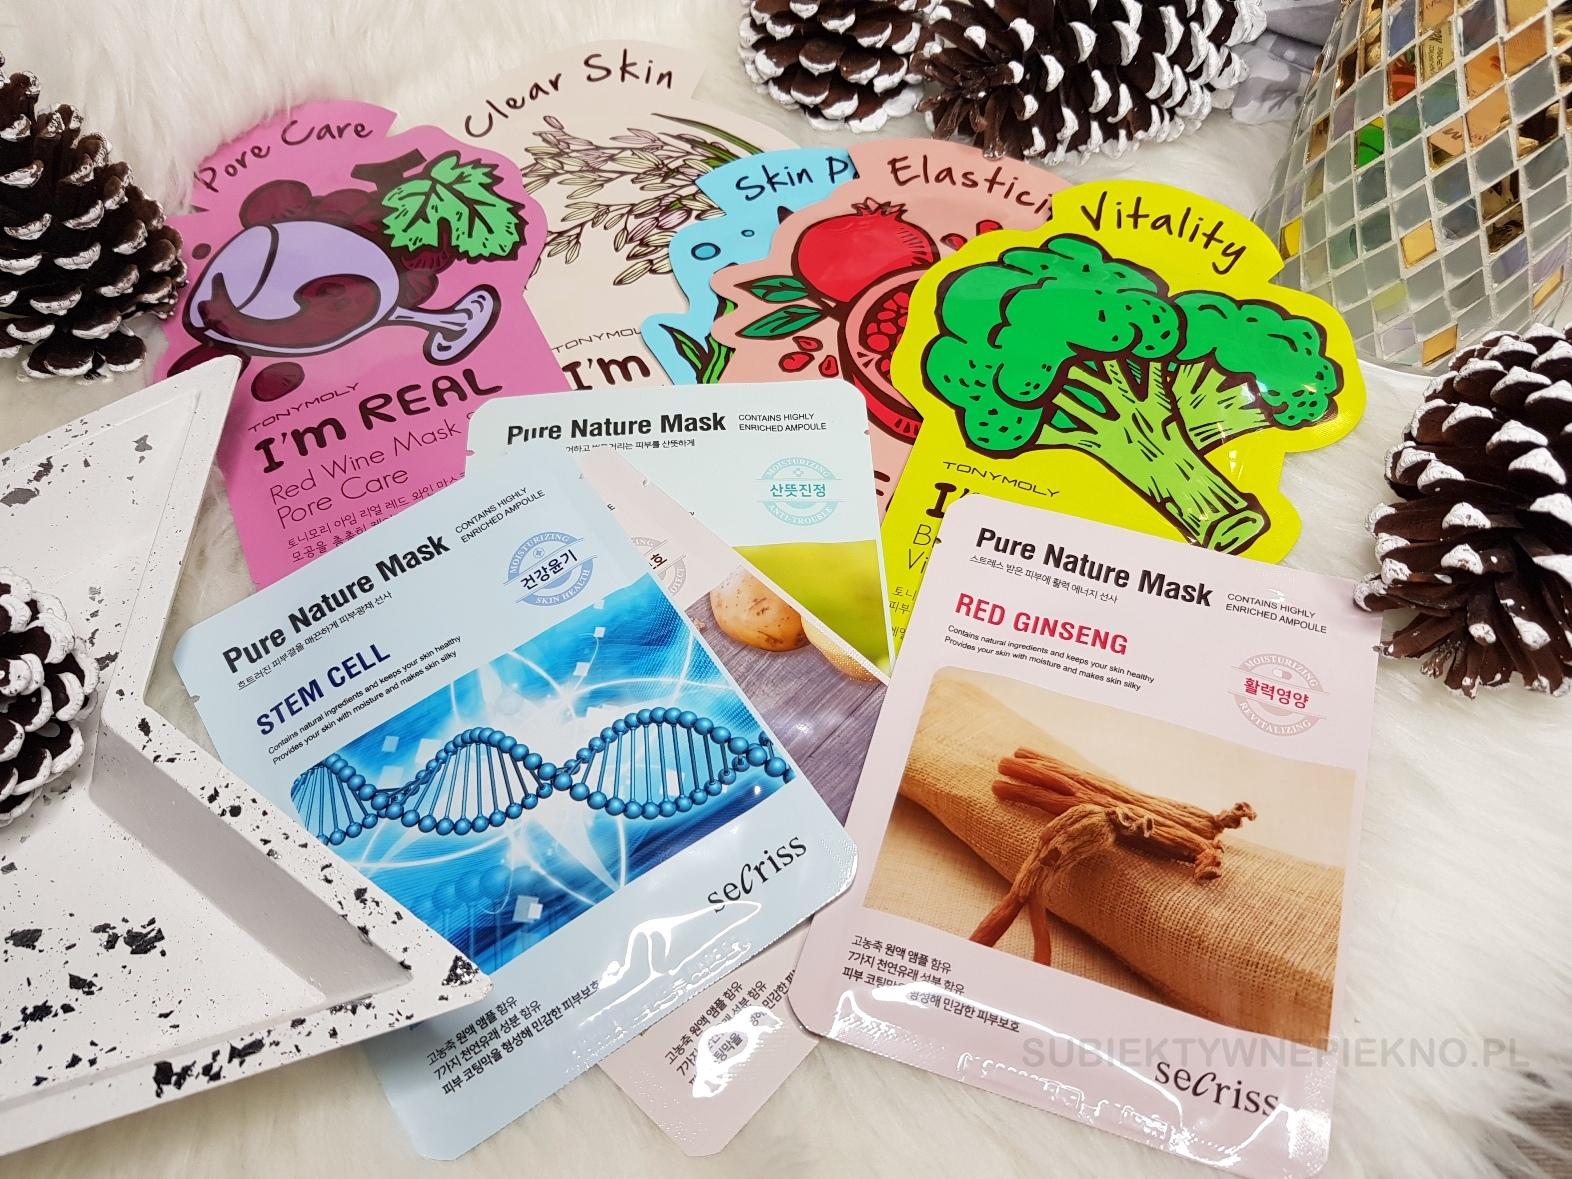 Pomysły na prezenty świąteczne do 100zł - maski w płachcie Tony Moly